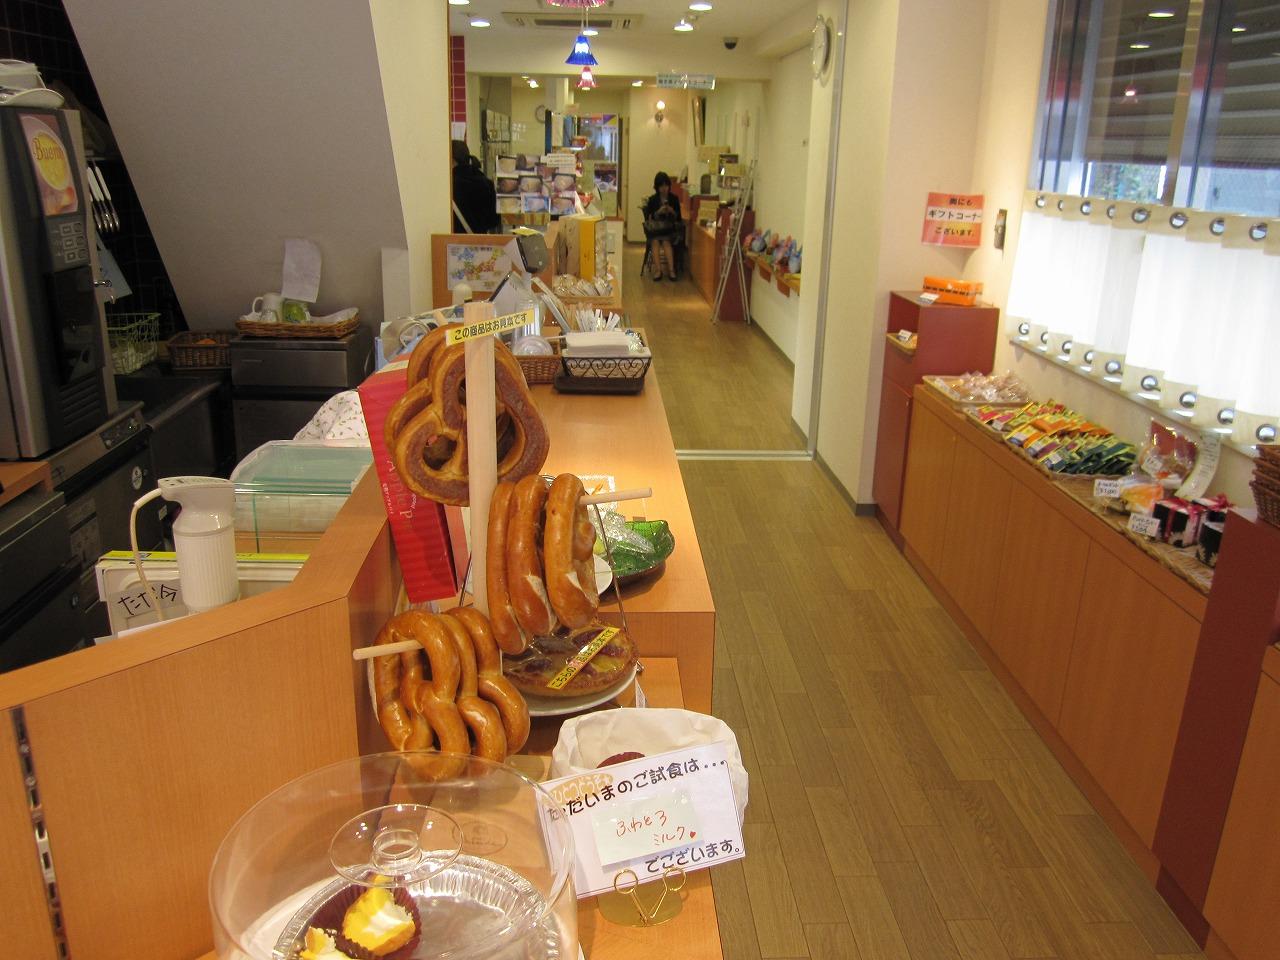 菓子工房ガトーマスダ 志村坂上店